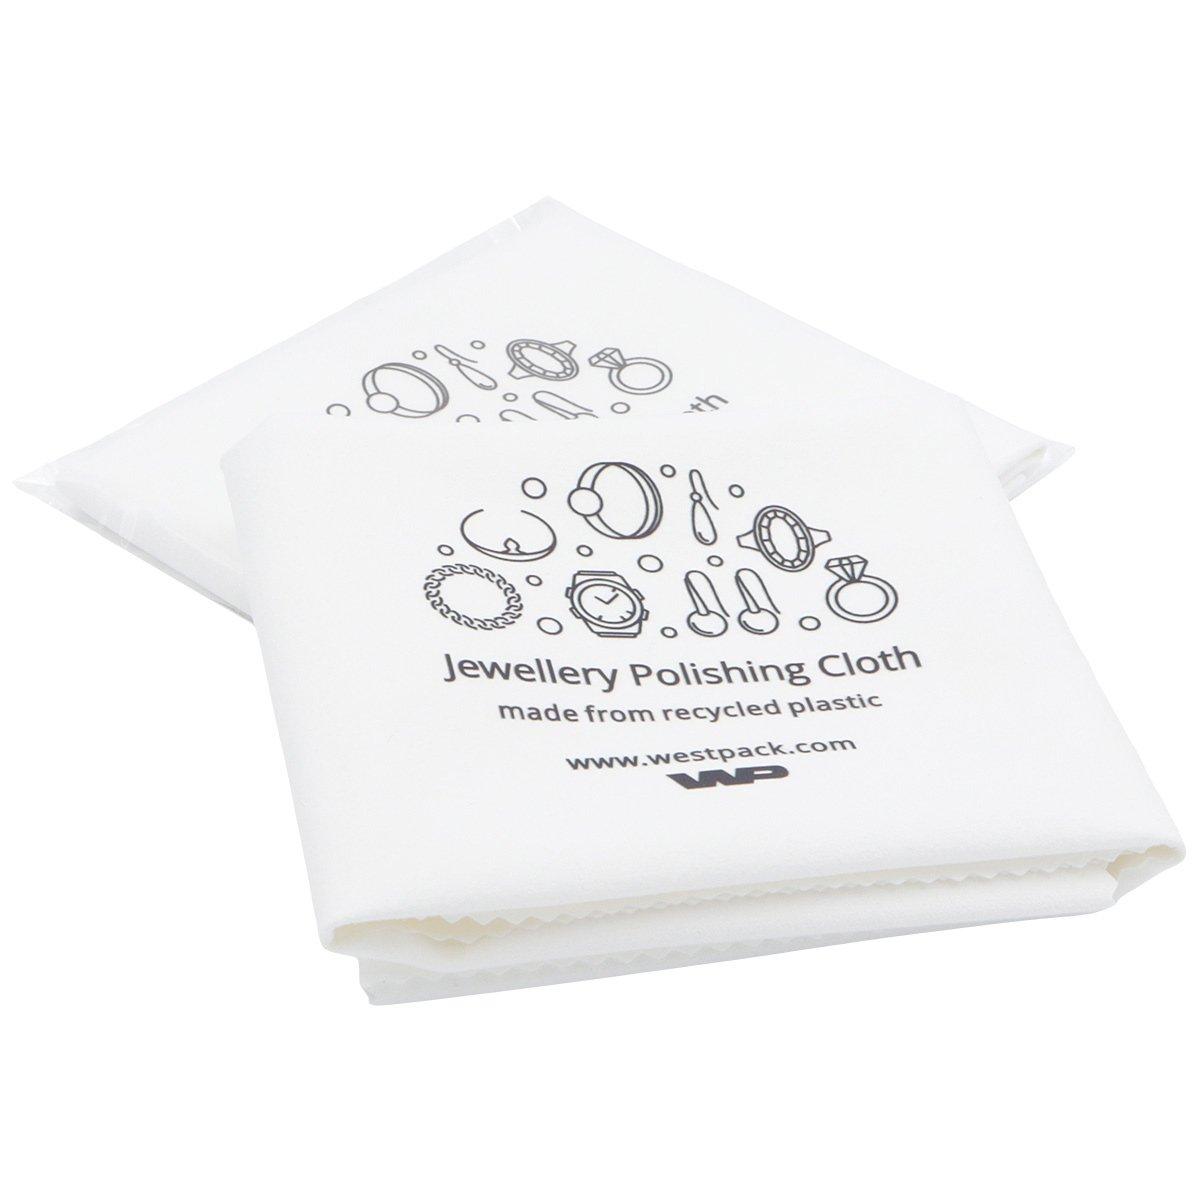 Poetsdoekje met enkel logo Wit, niet geïmpregneerd 300 x 350